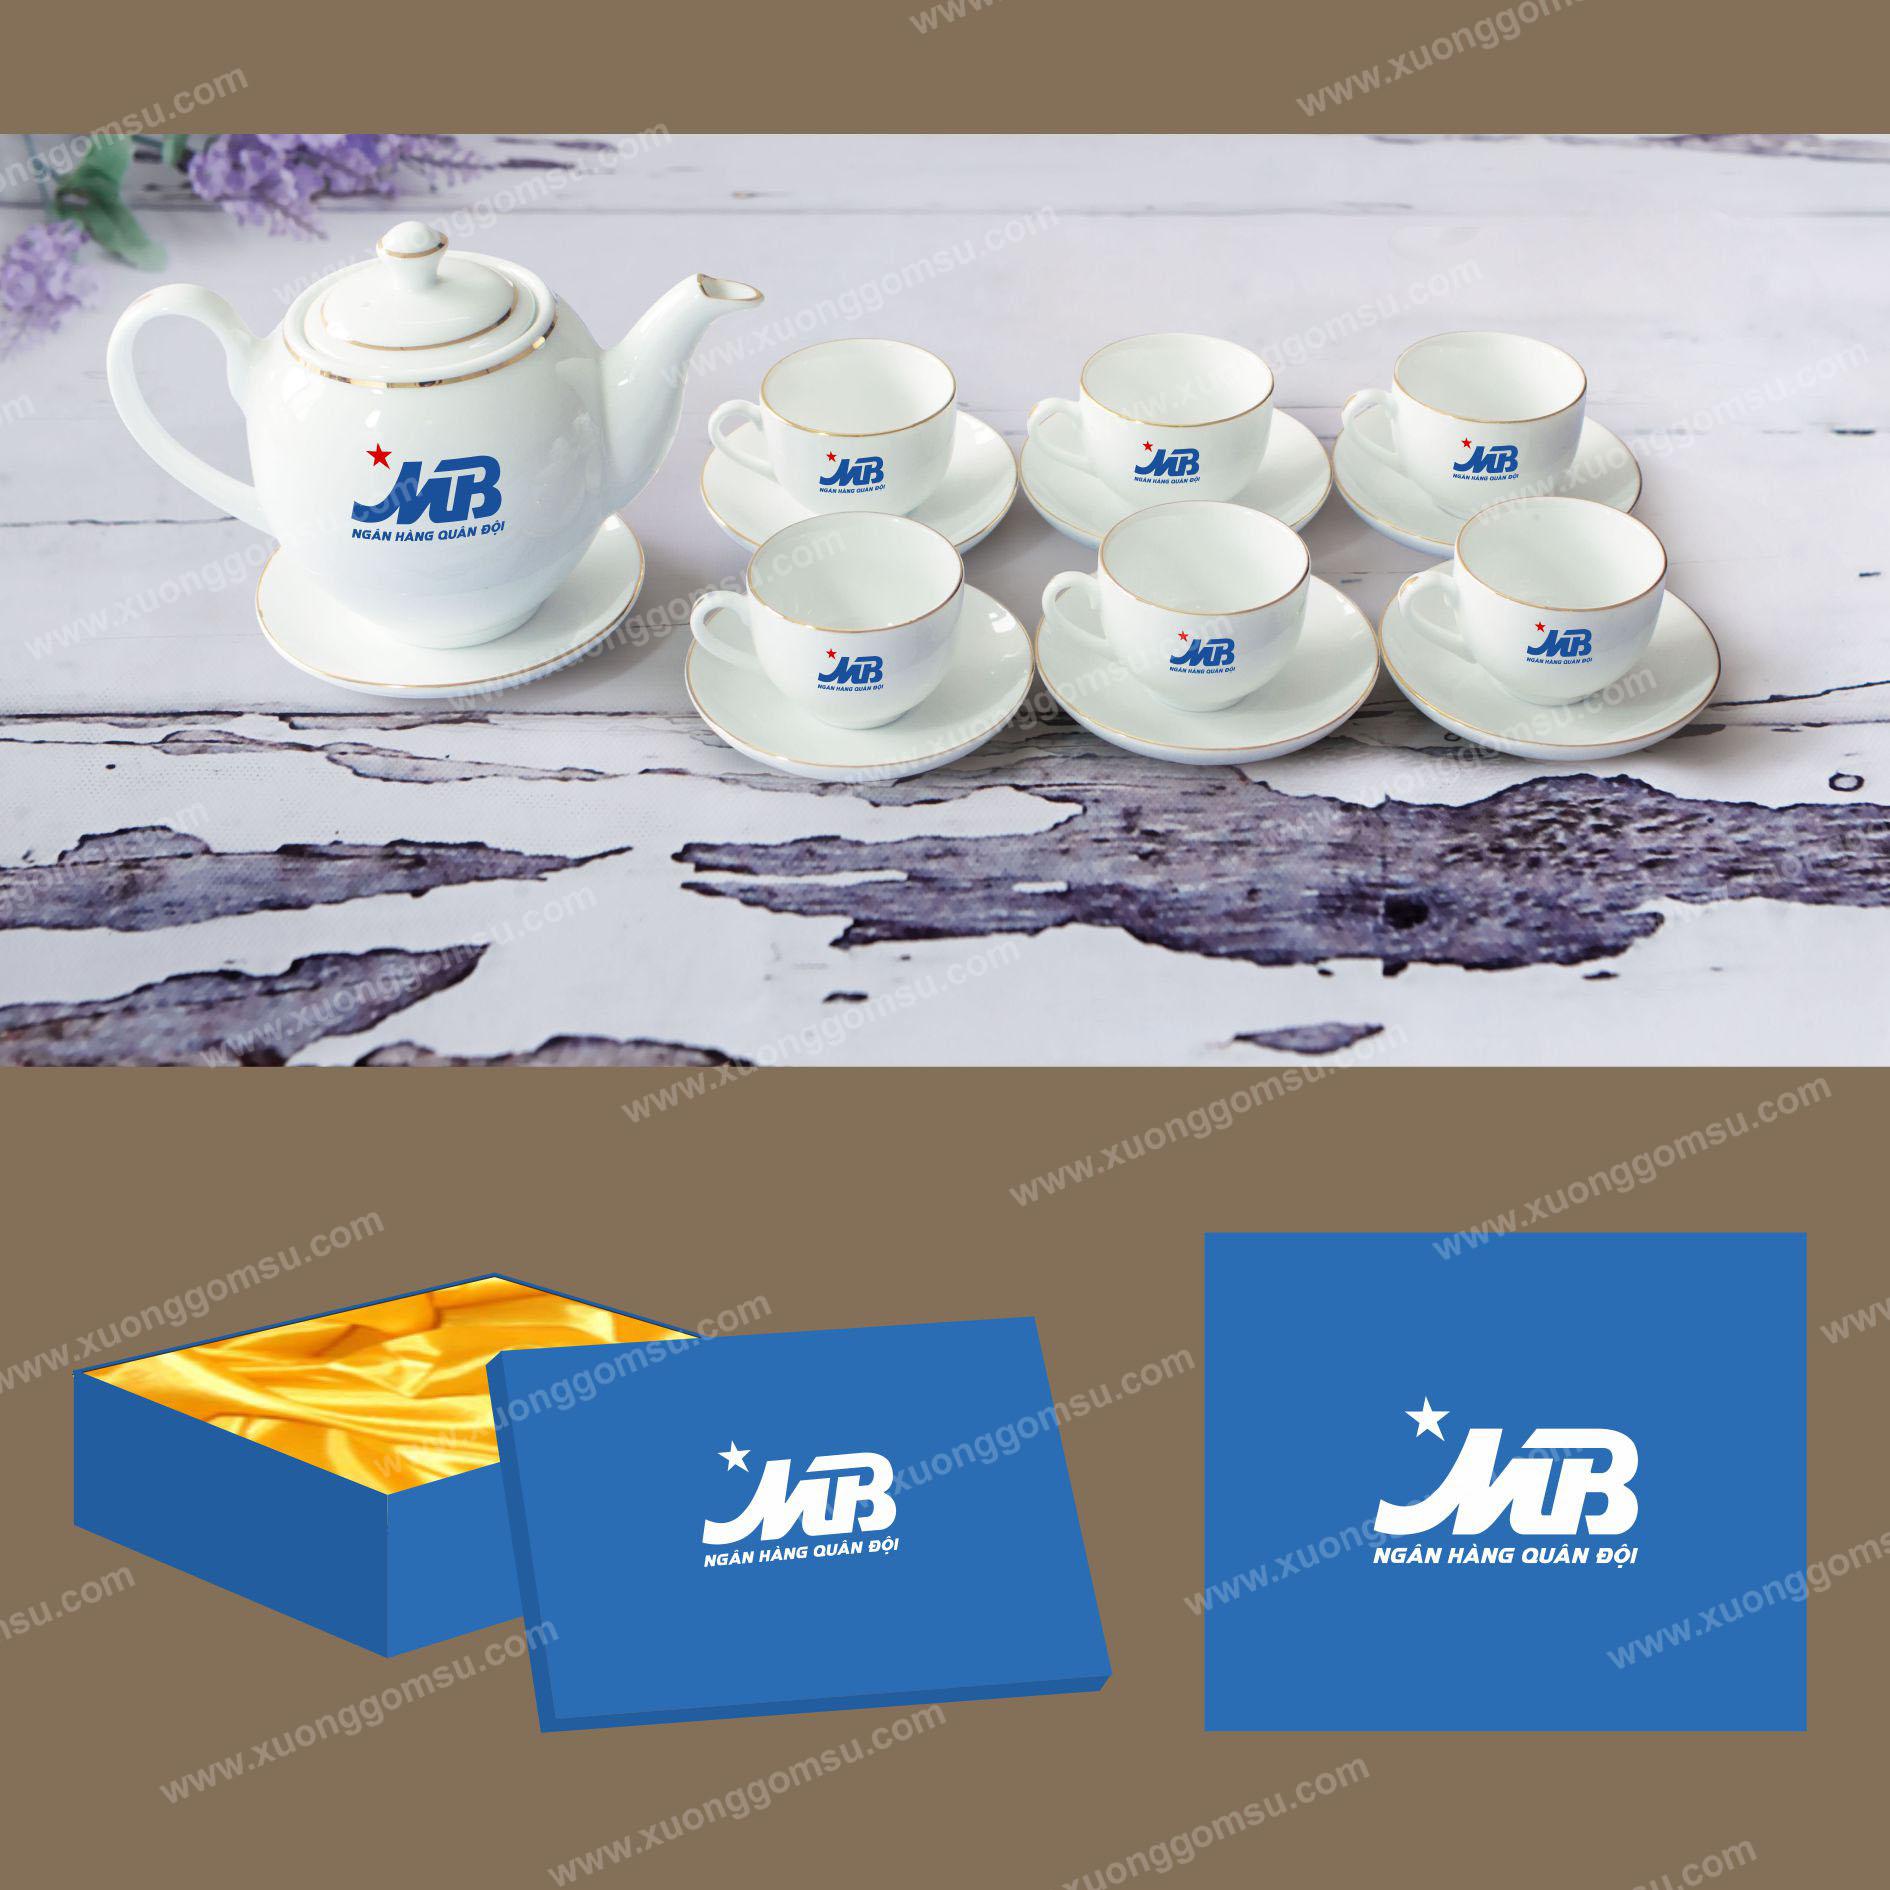 2 Bộ ấm trà giá rẻ tại TPHCM - In ấm trà theo yêu cầu tại TPHCM - Liên hệ: 0905 780 166